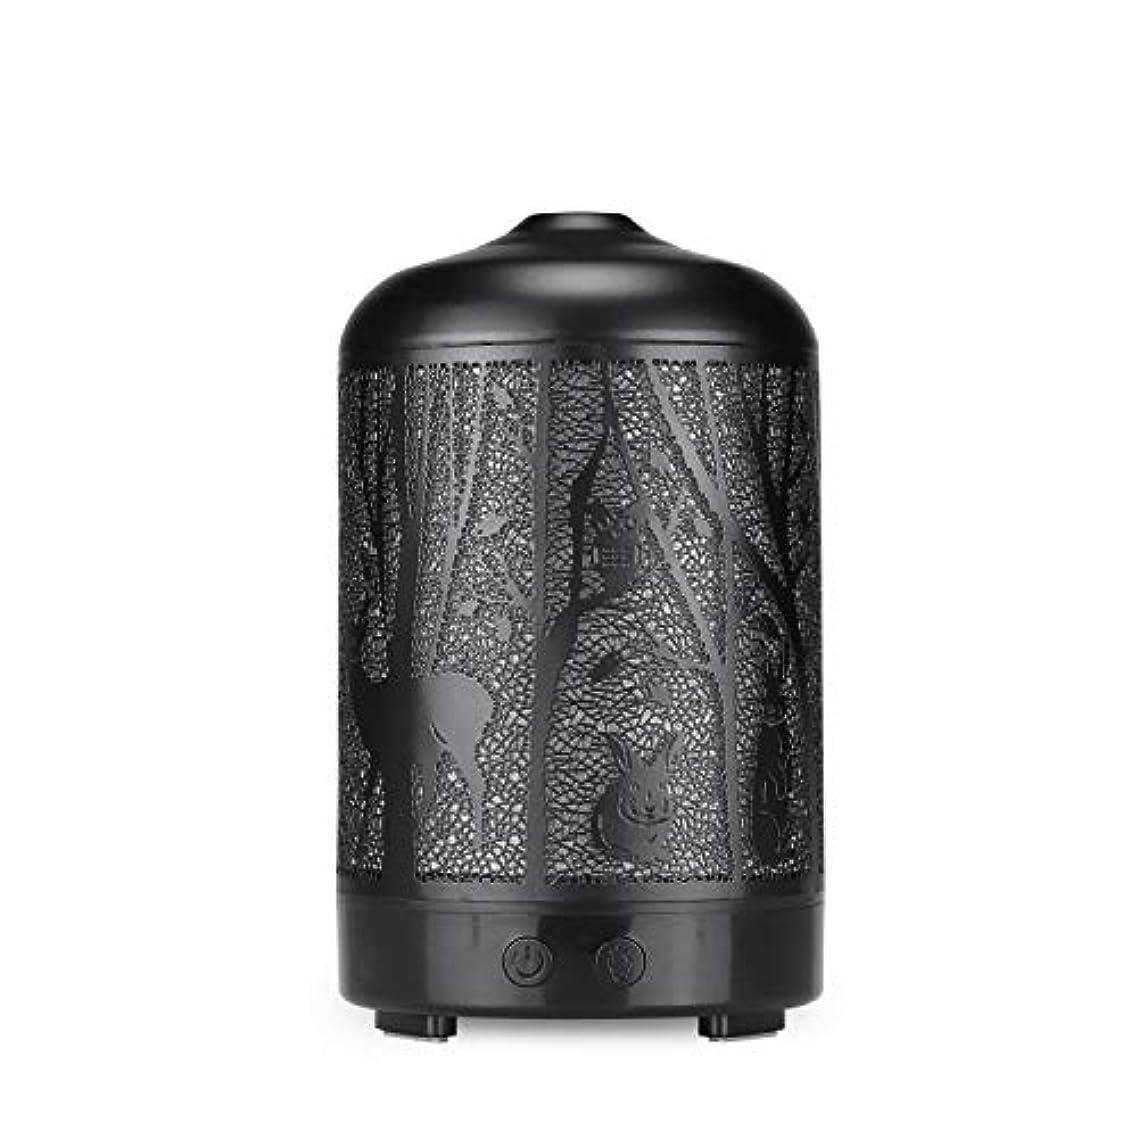 カナダ上にパースブラックボロウエッセンシャルオイルディフューザー、100 ml超音波金属ディアーアロマセラピー香り油拡散気化器加湿器